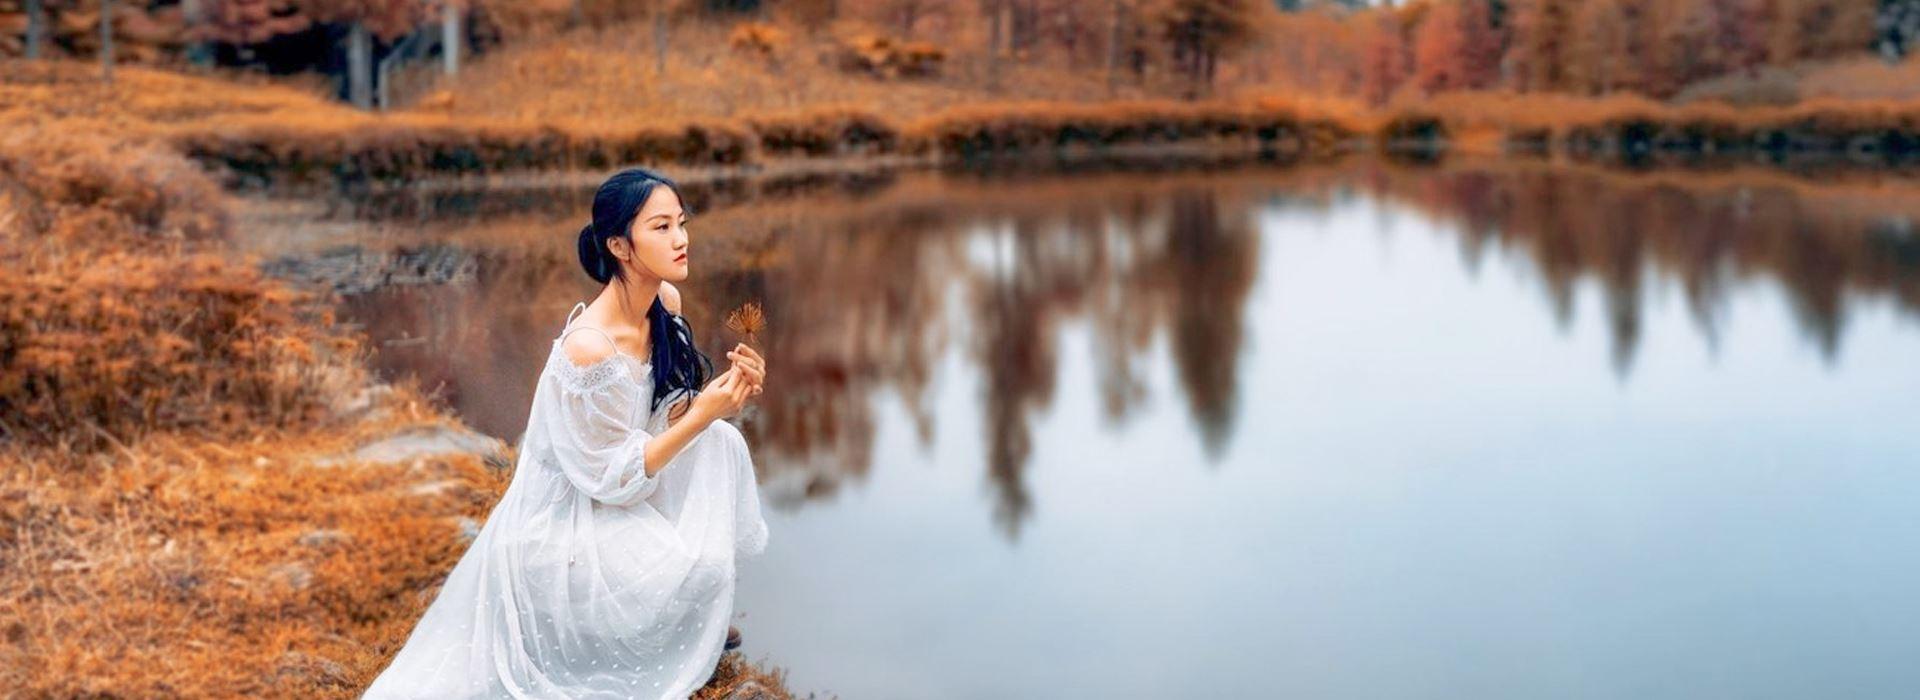 ایده برای عکاسی فرمالیته در پاییز | انواع ژست های عکاسی پاییزی